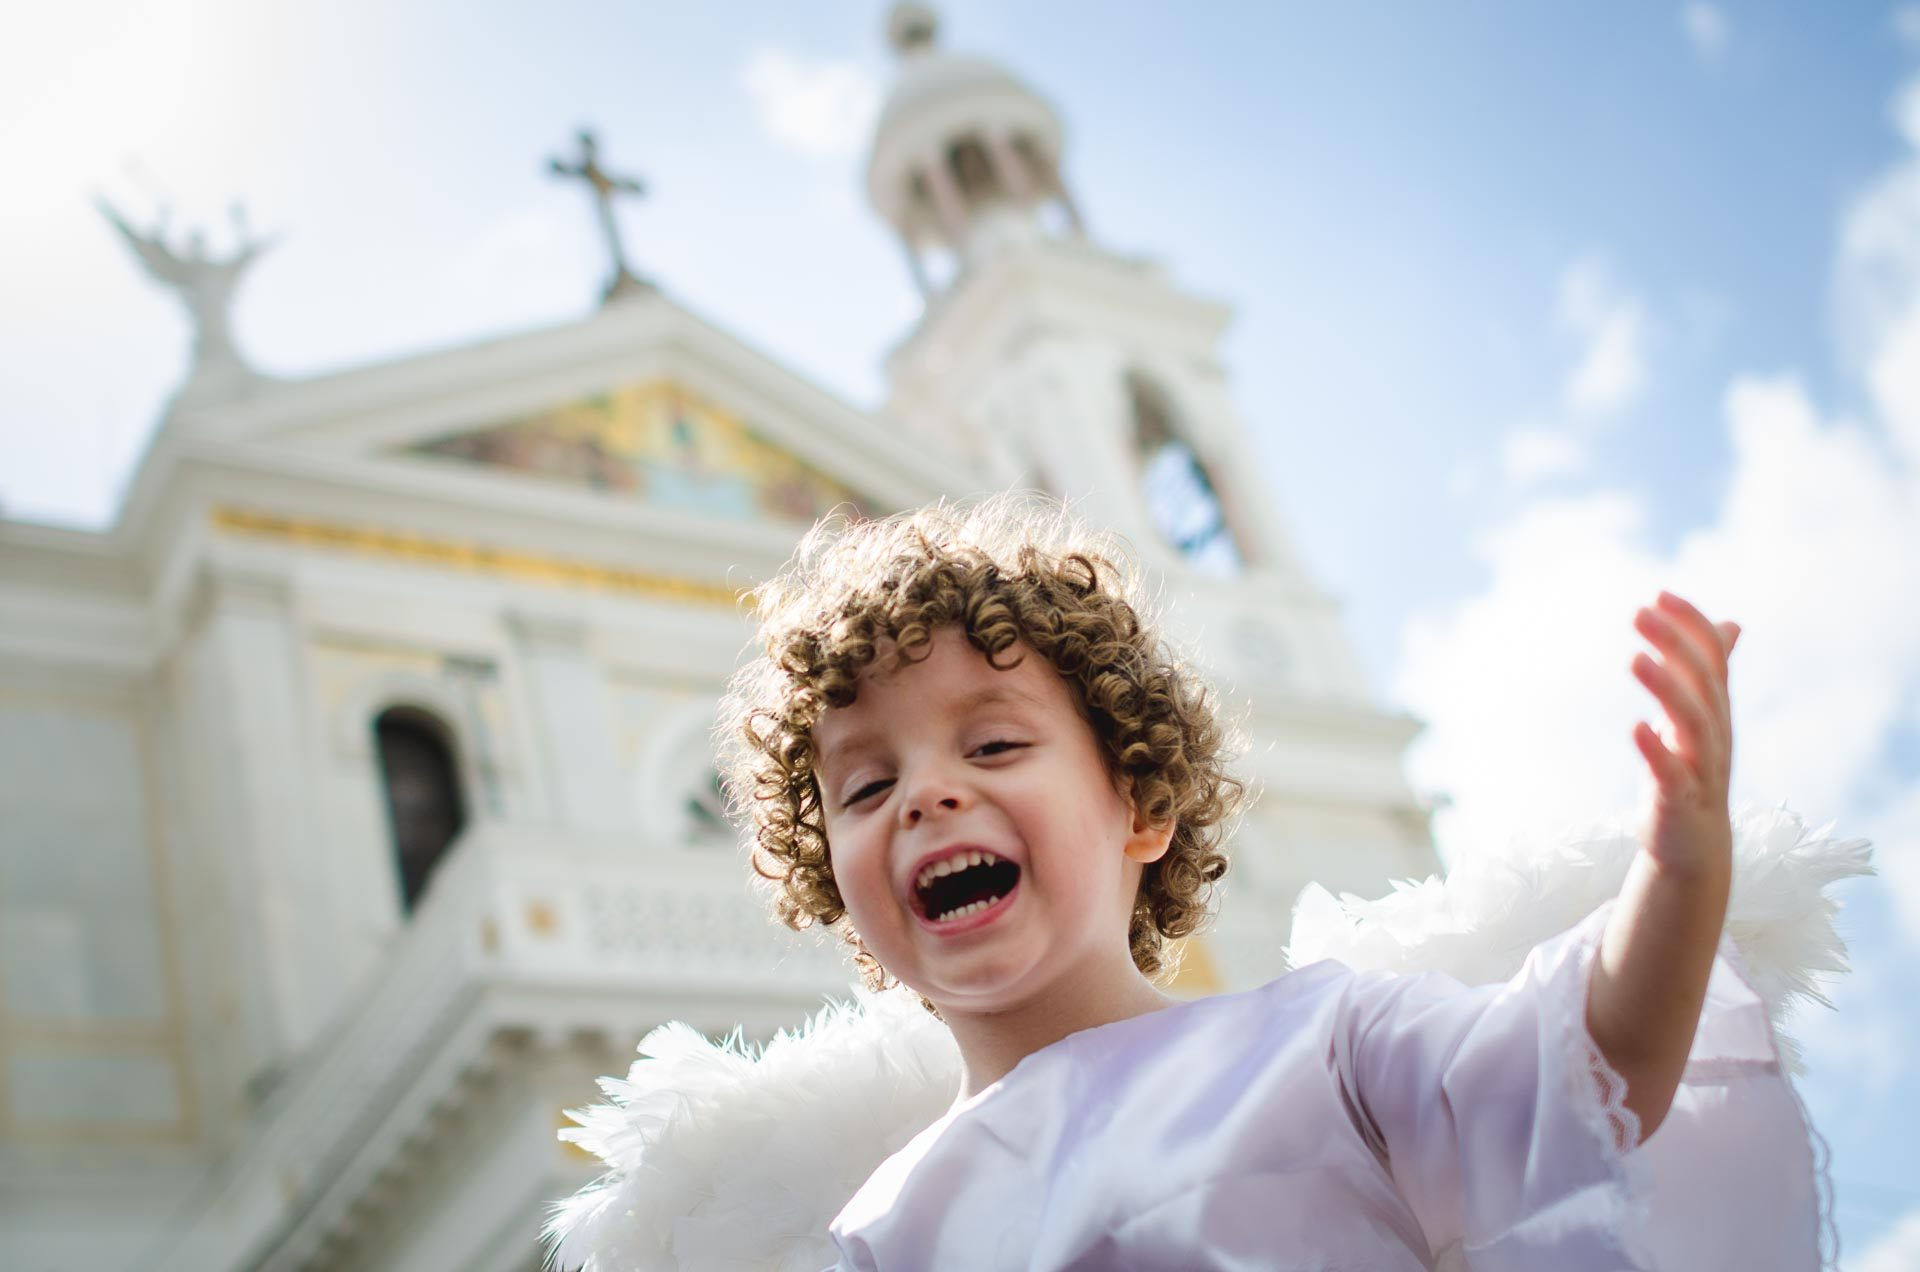 8 - Conhecer a Basílica e constatar que por aqui tem anjos em todo lugar